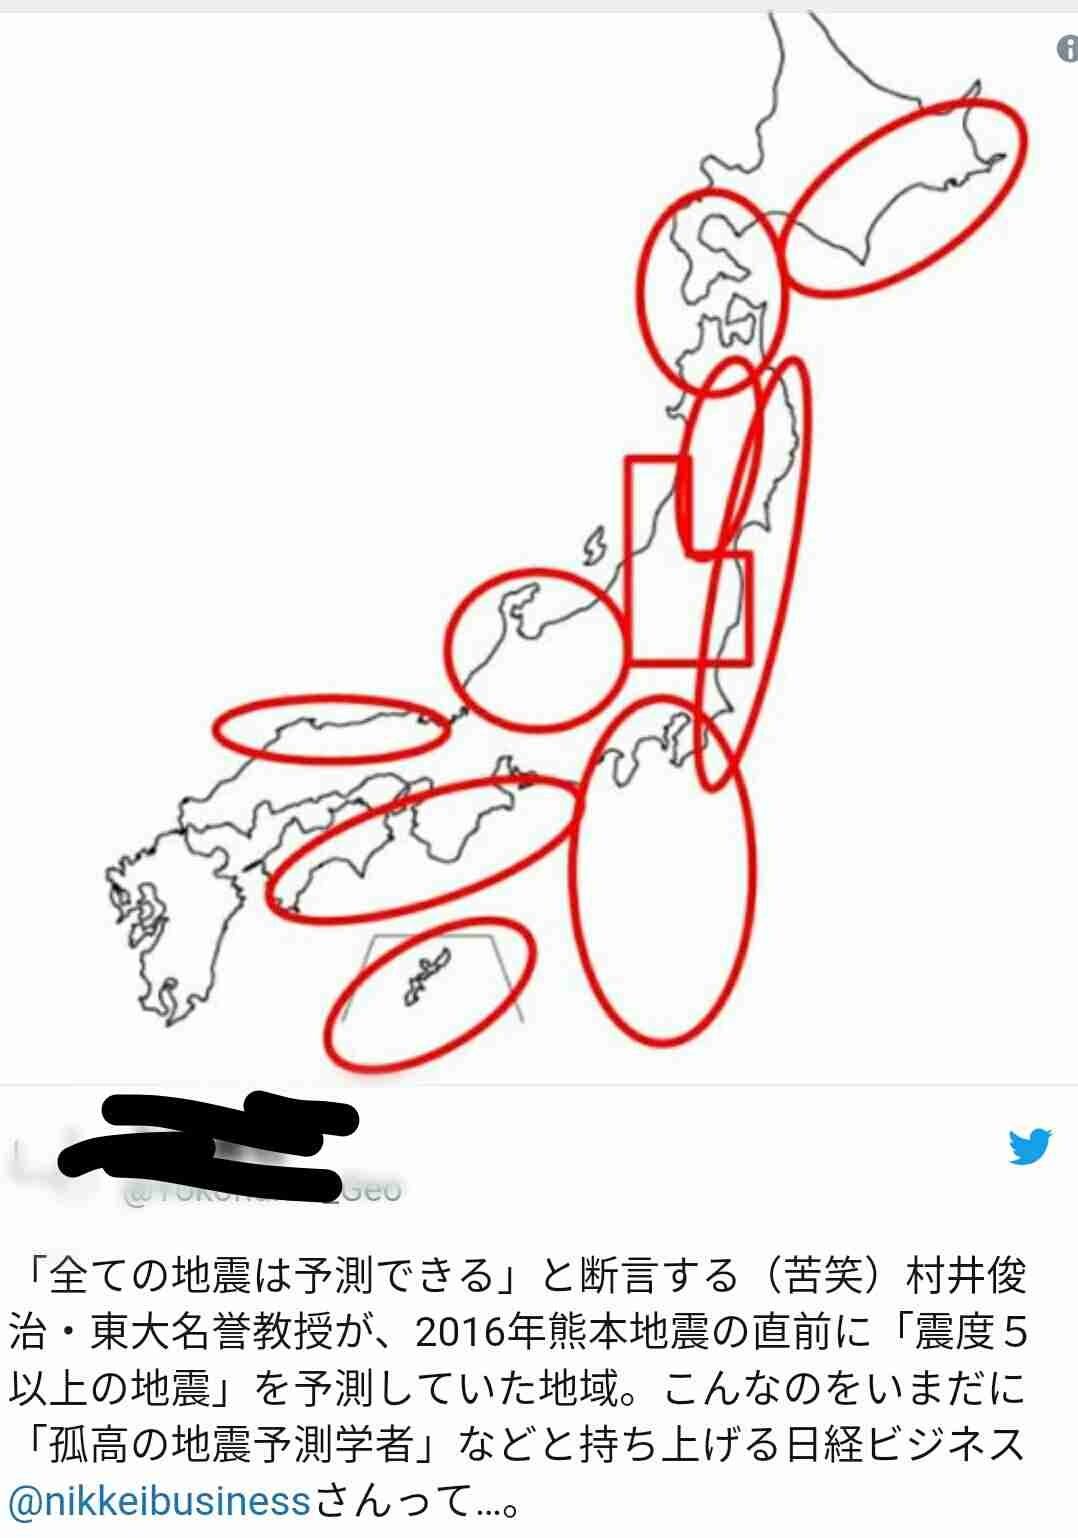 【地震】長野県北部で震度5弱